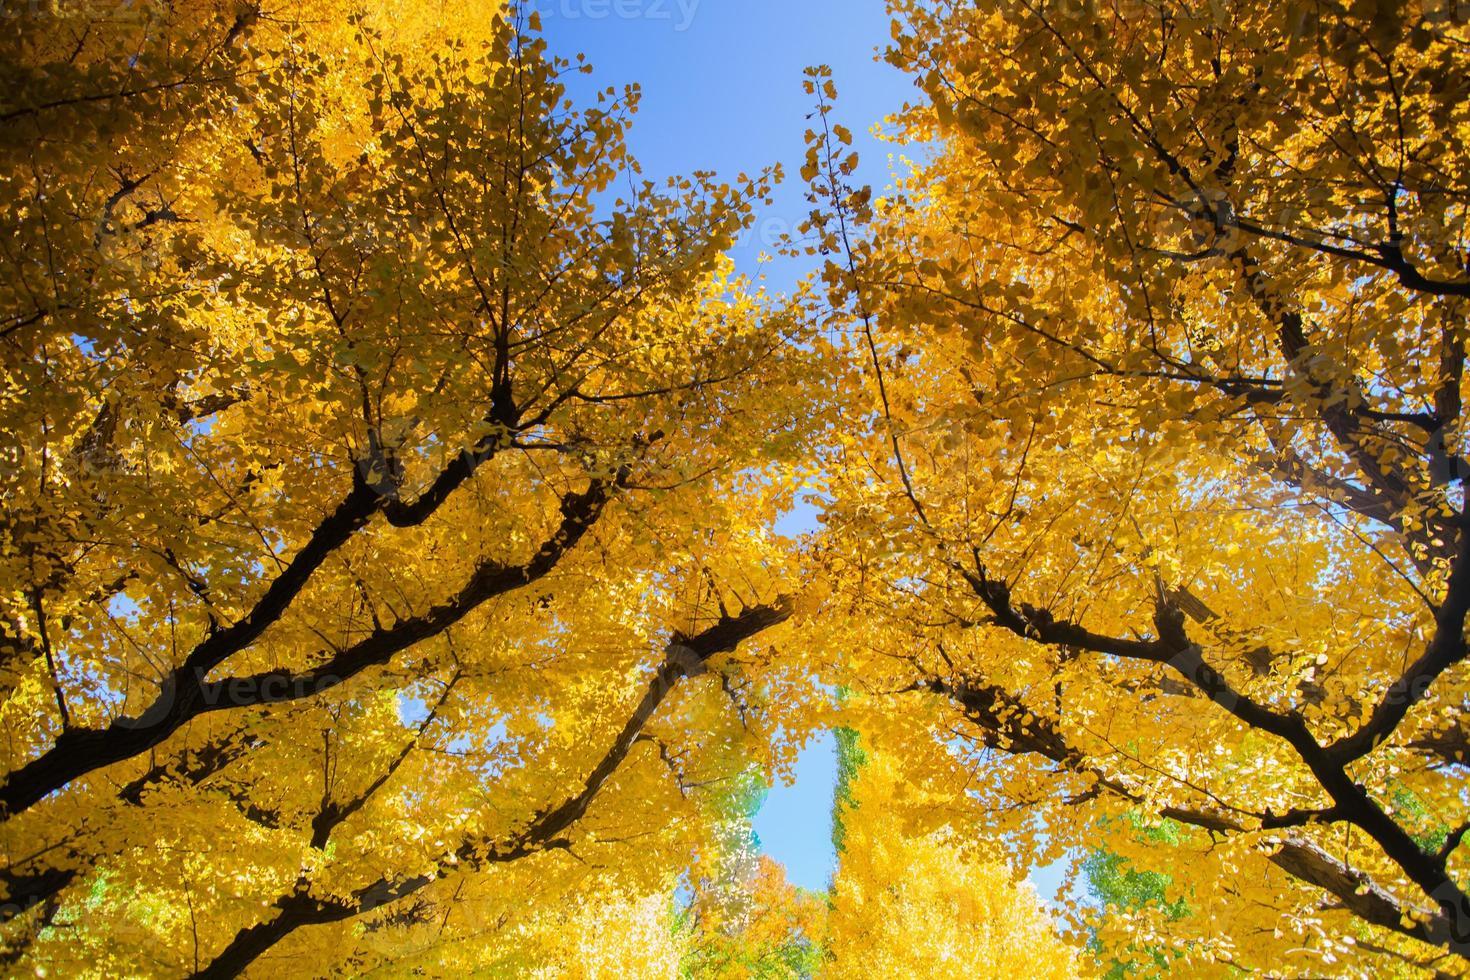 alberi gialli contro un cielo blu foto